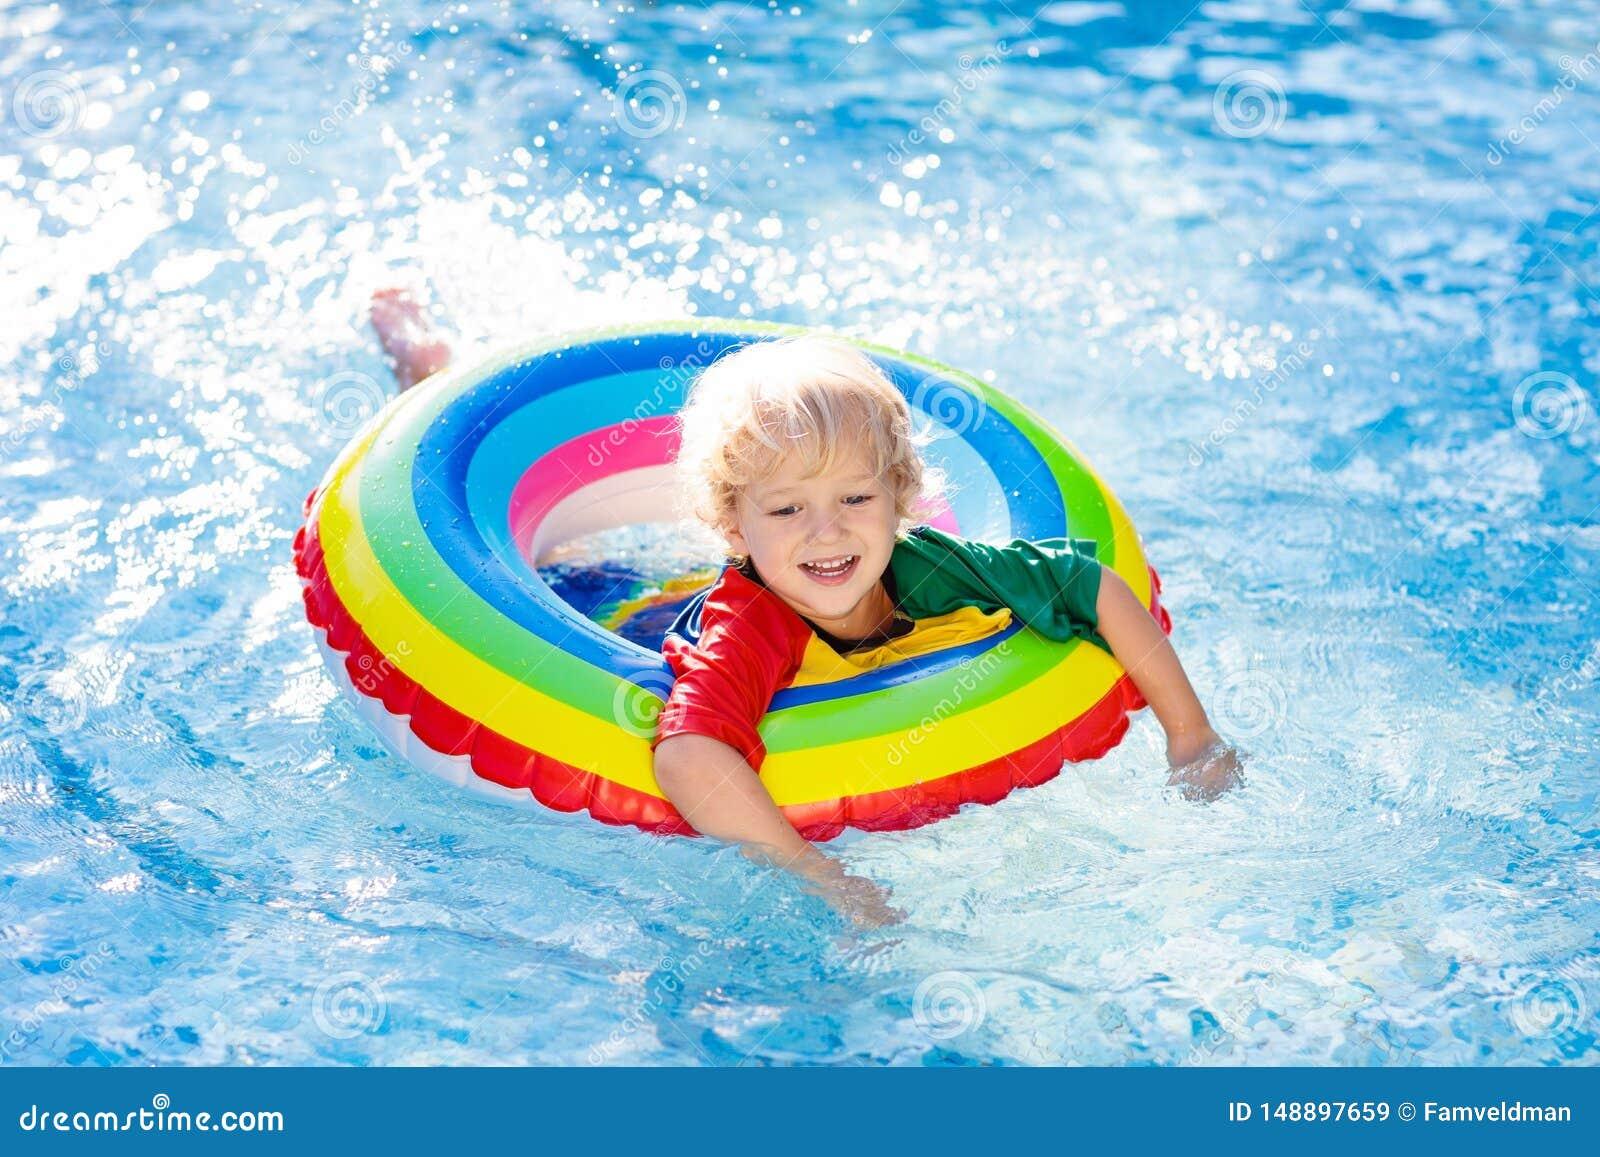 Child in swimming pool on toy ring. Kids swim